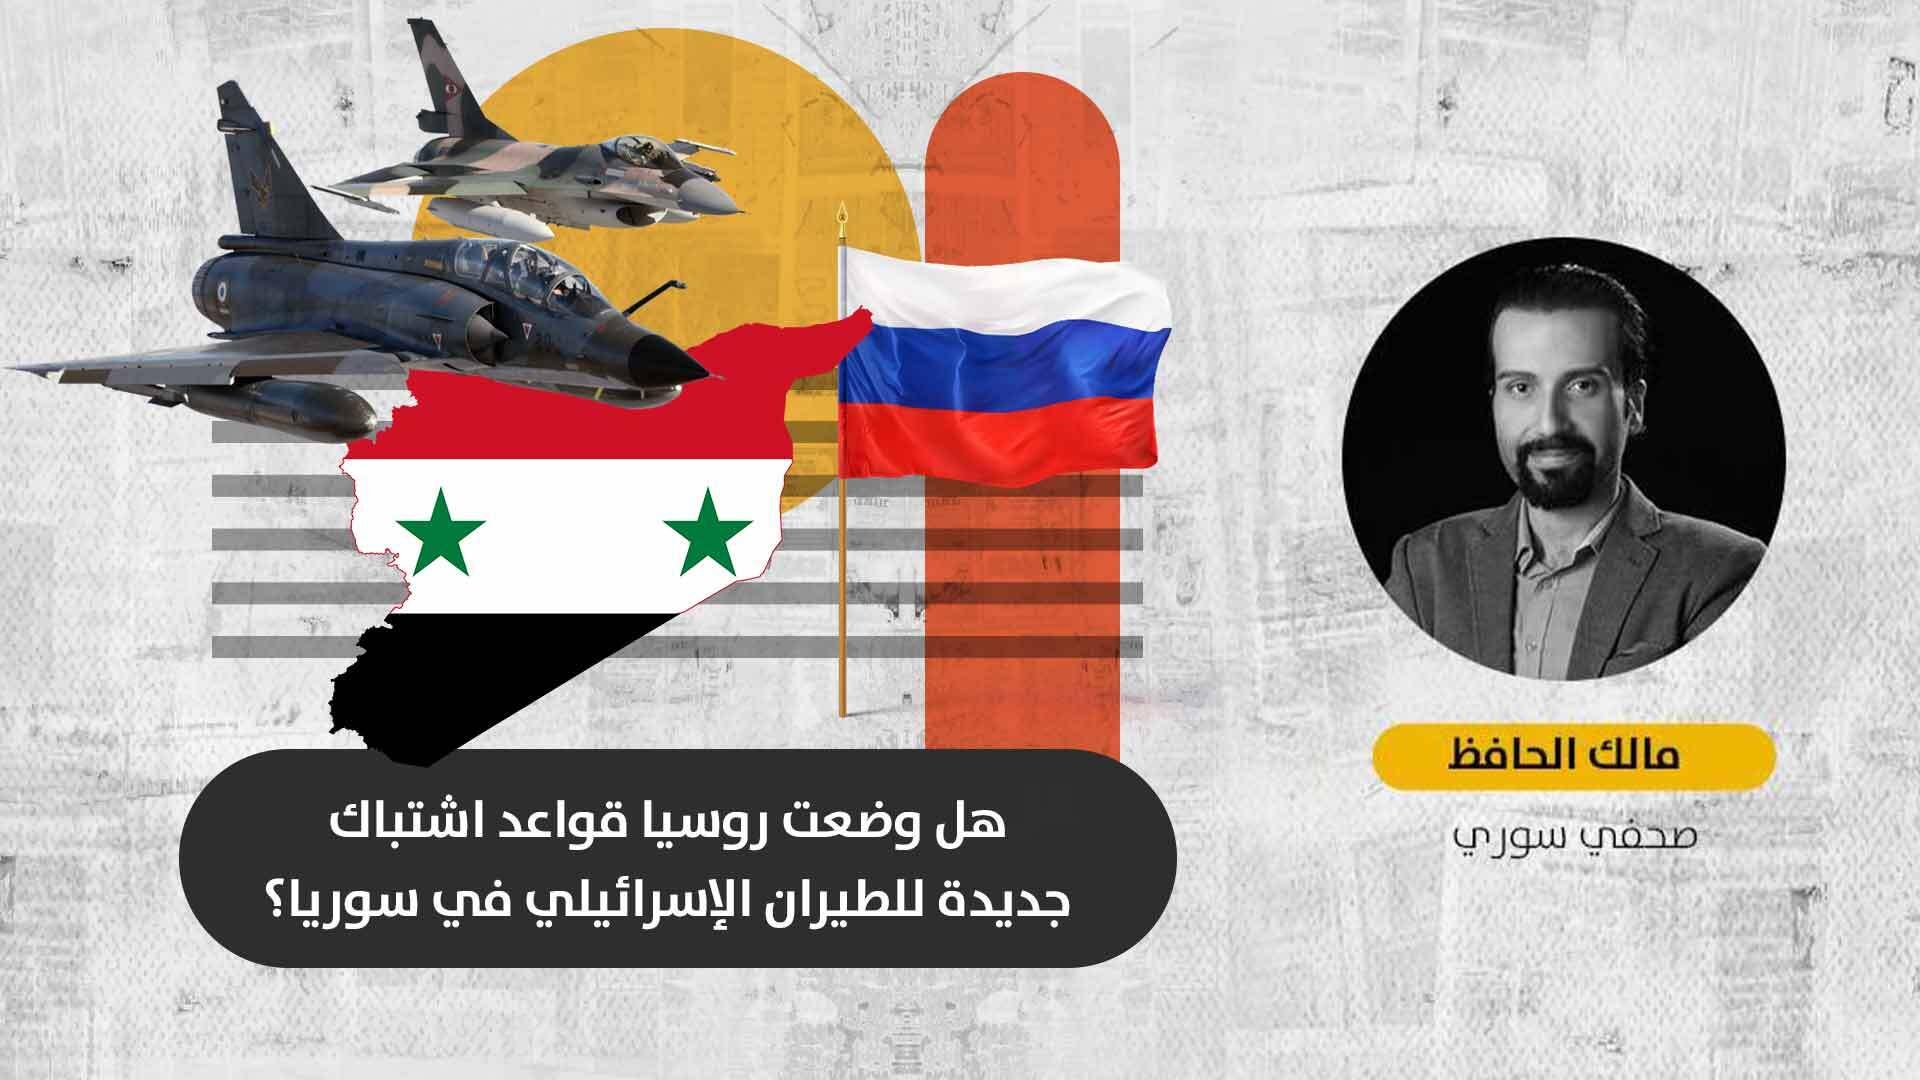 الغارات الإسرائيلية في سوريا: لماذا خرجت موسكو عن صمتها تجاه استهداف القوات النظامية والميلشيات الإيرانية؟